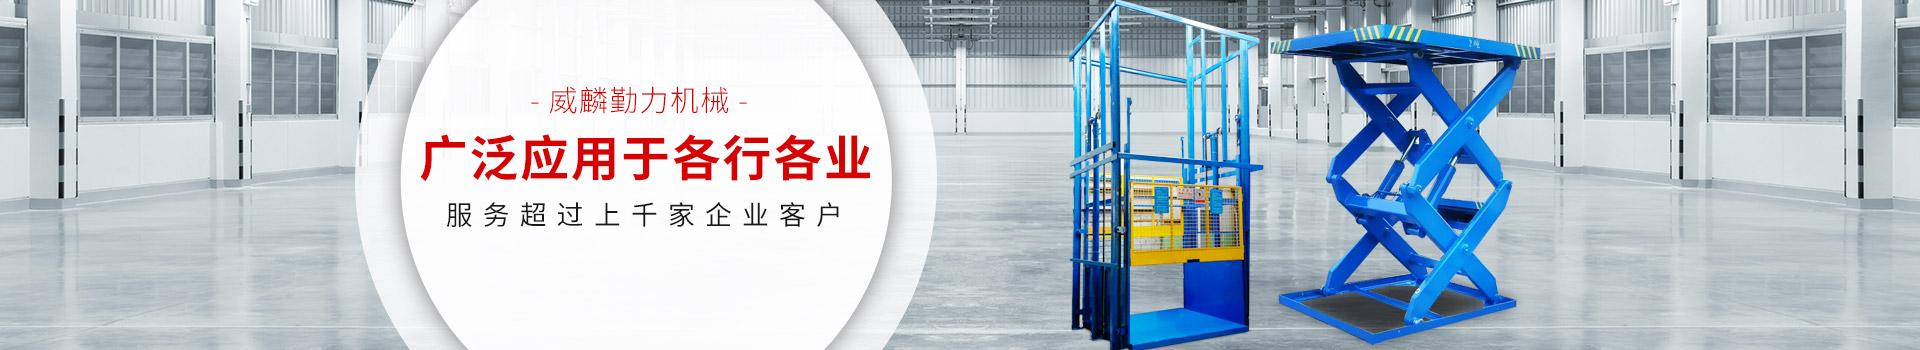 威麟勤力机械广泛应用于各行各业